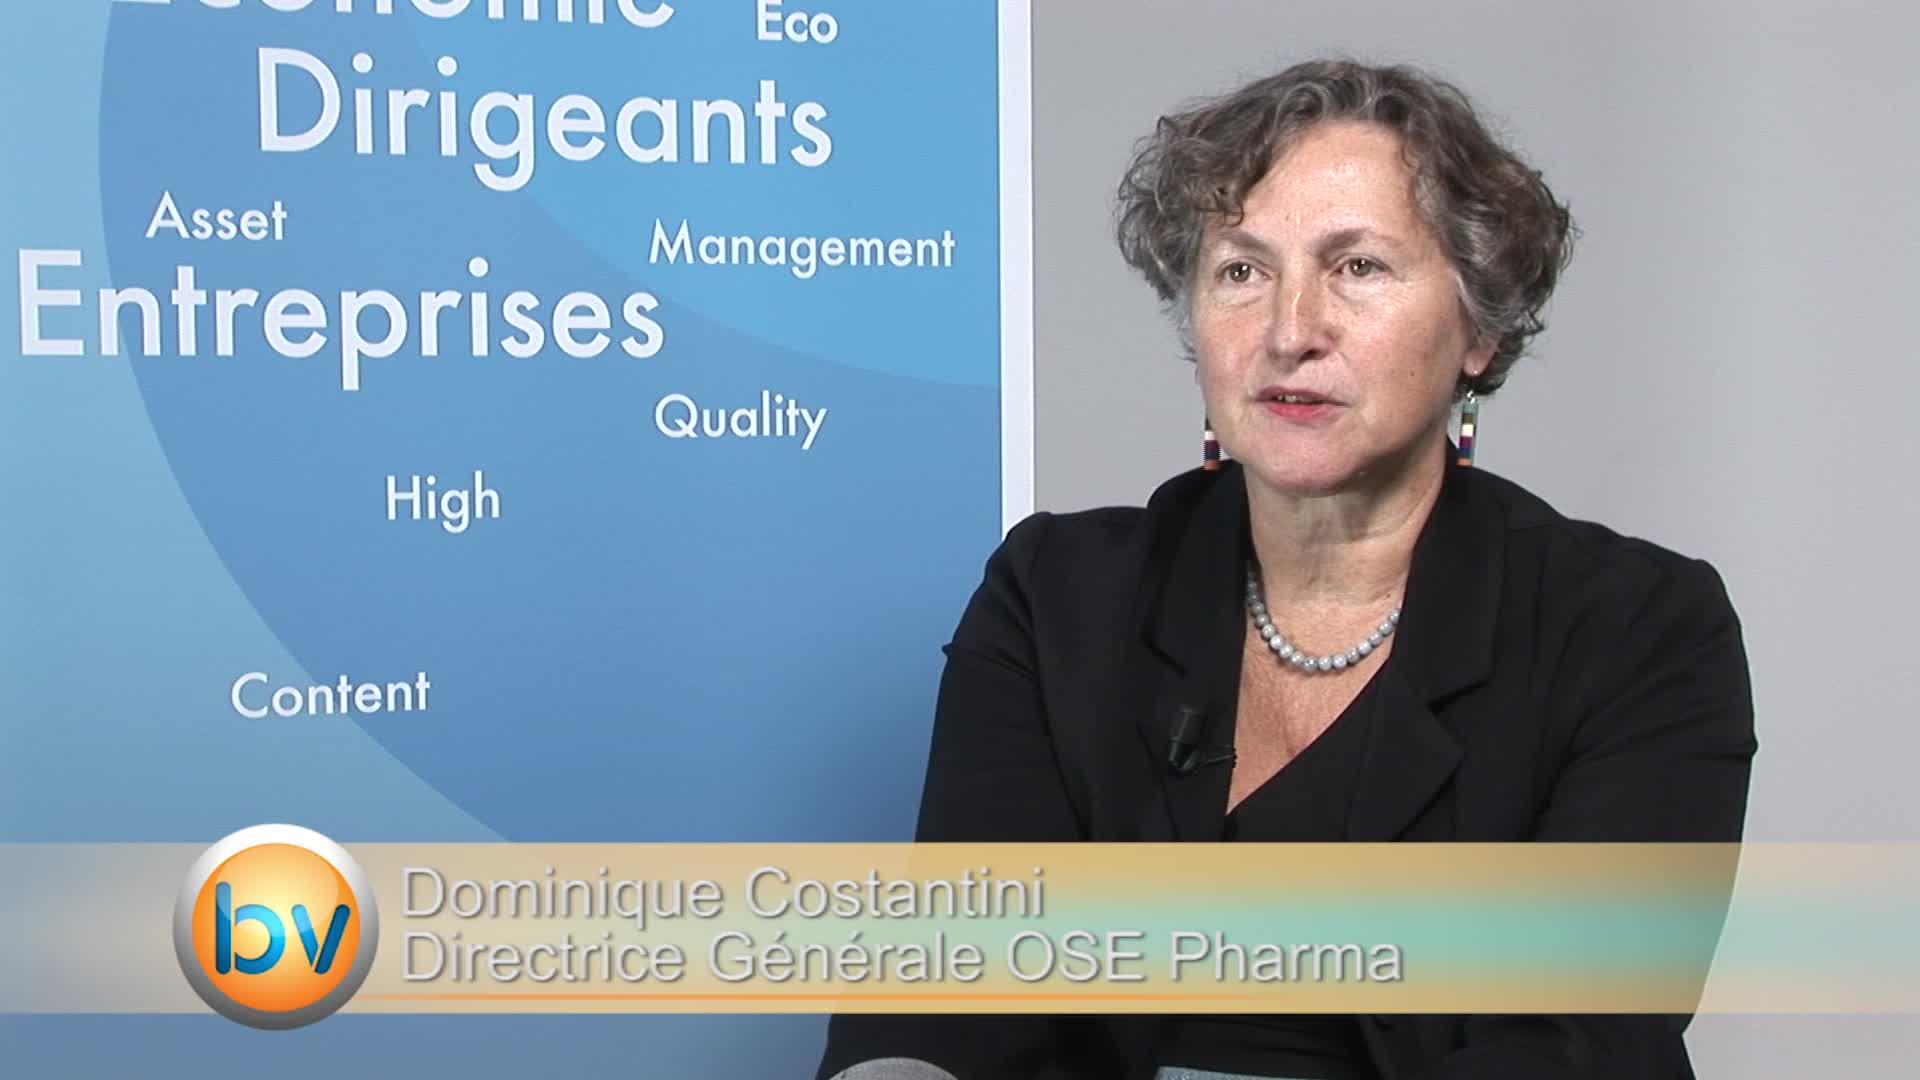 Dominique Costantini Directrice Générale OSE Pharma : «Nous avons passé des étapes importantes»